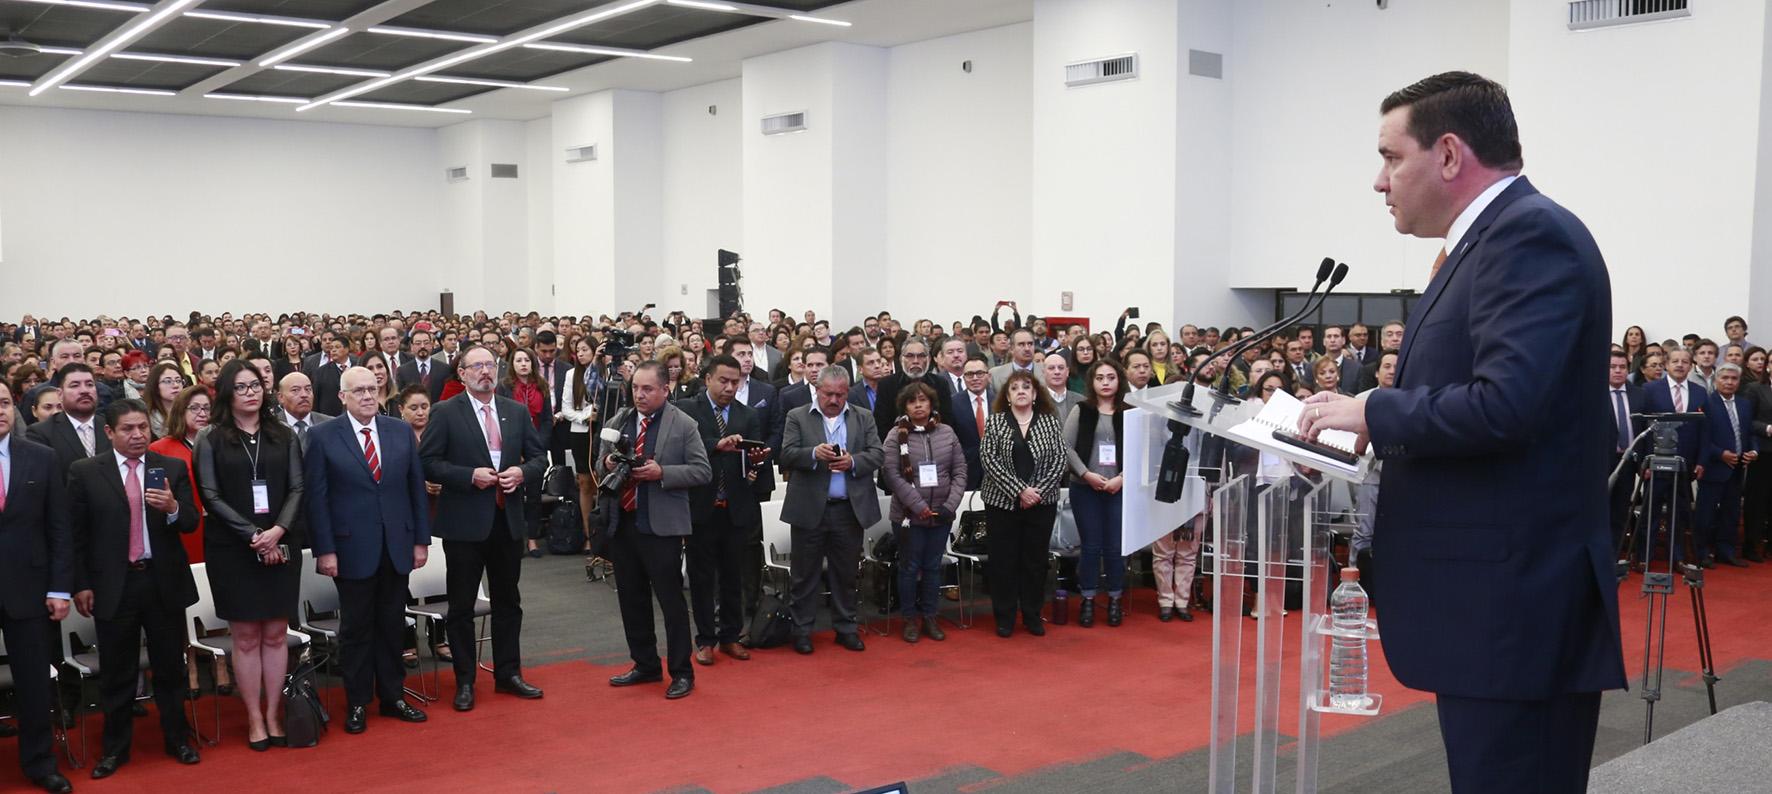 """Revisan temas de innovación y nuevos modelos educativos en Segundo Foro Internacional """"Vanguardia en la Educación"""""""